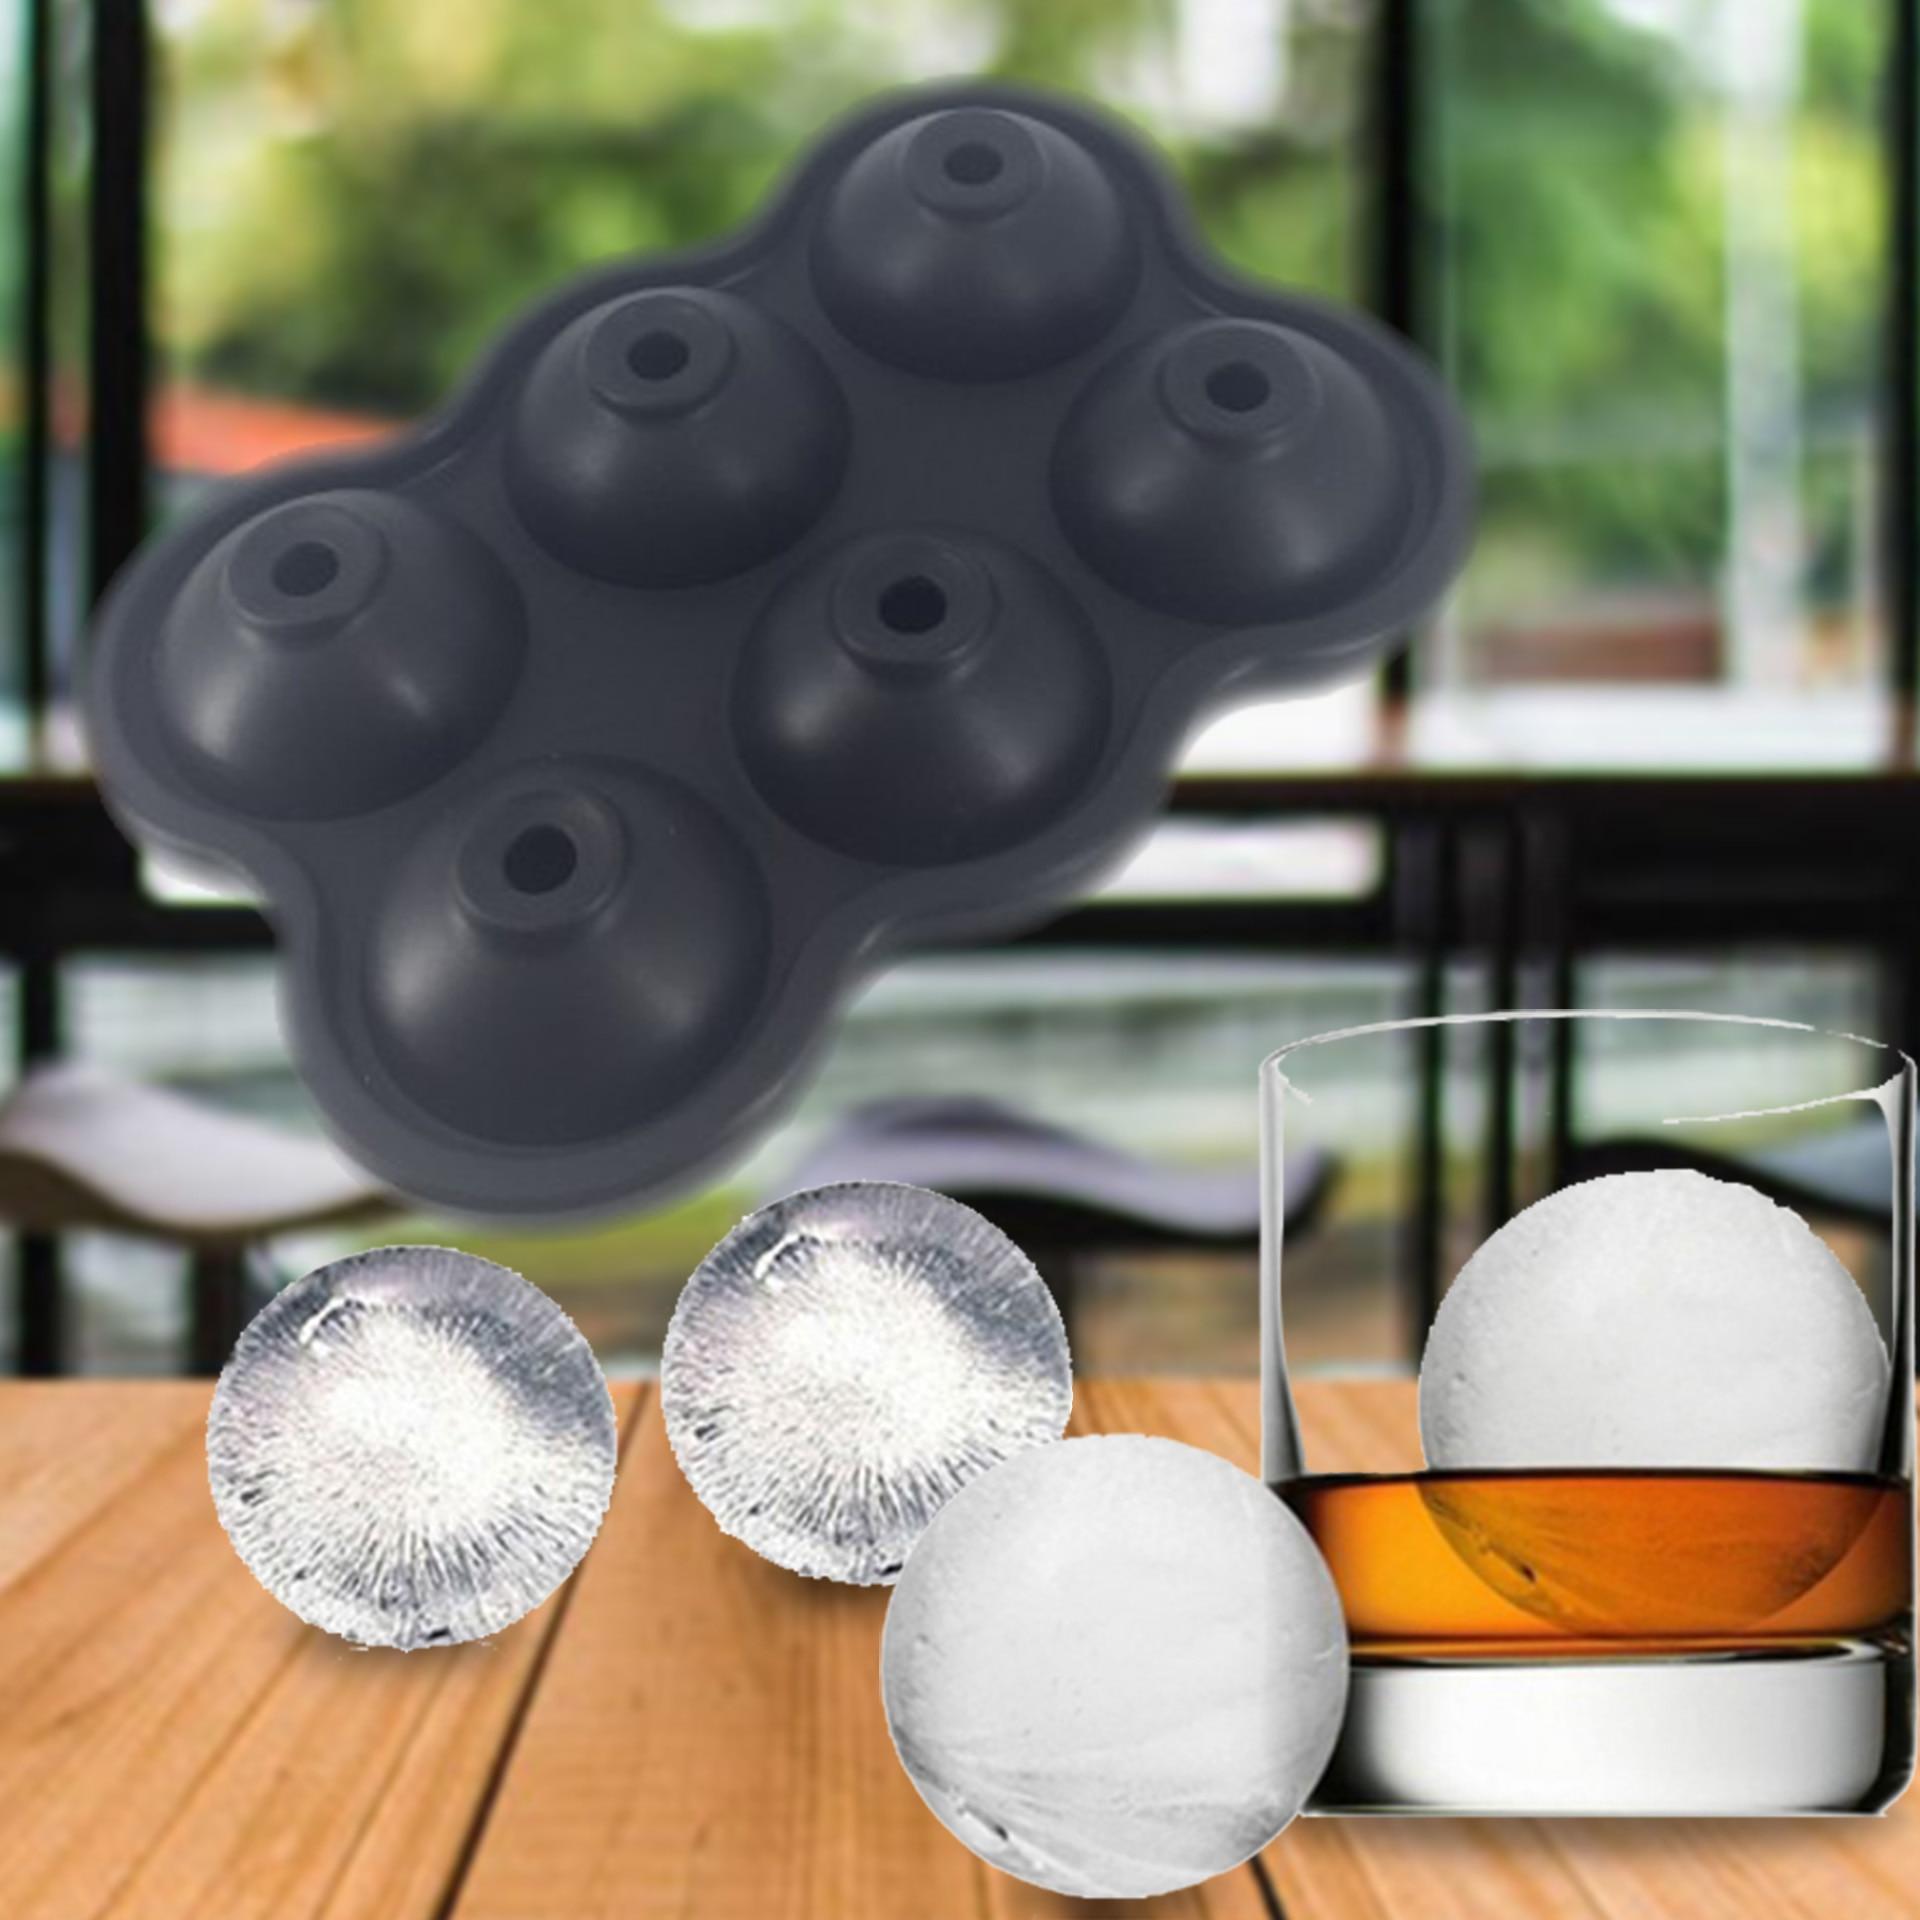 5 цветов 6 отверстий 4,5 см Диаметр Еда Класс Мягкие силиконовые Эко-дружественных полезные домашние поднос кубика льда мяч создатель прессфо...